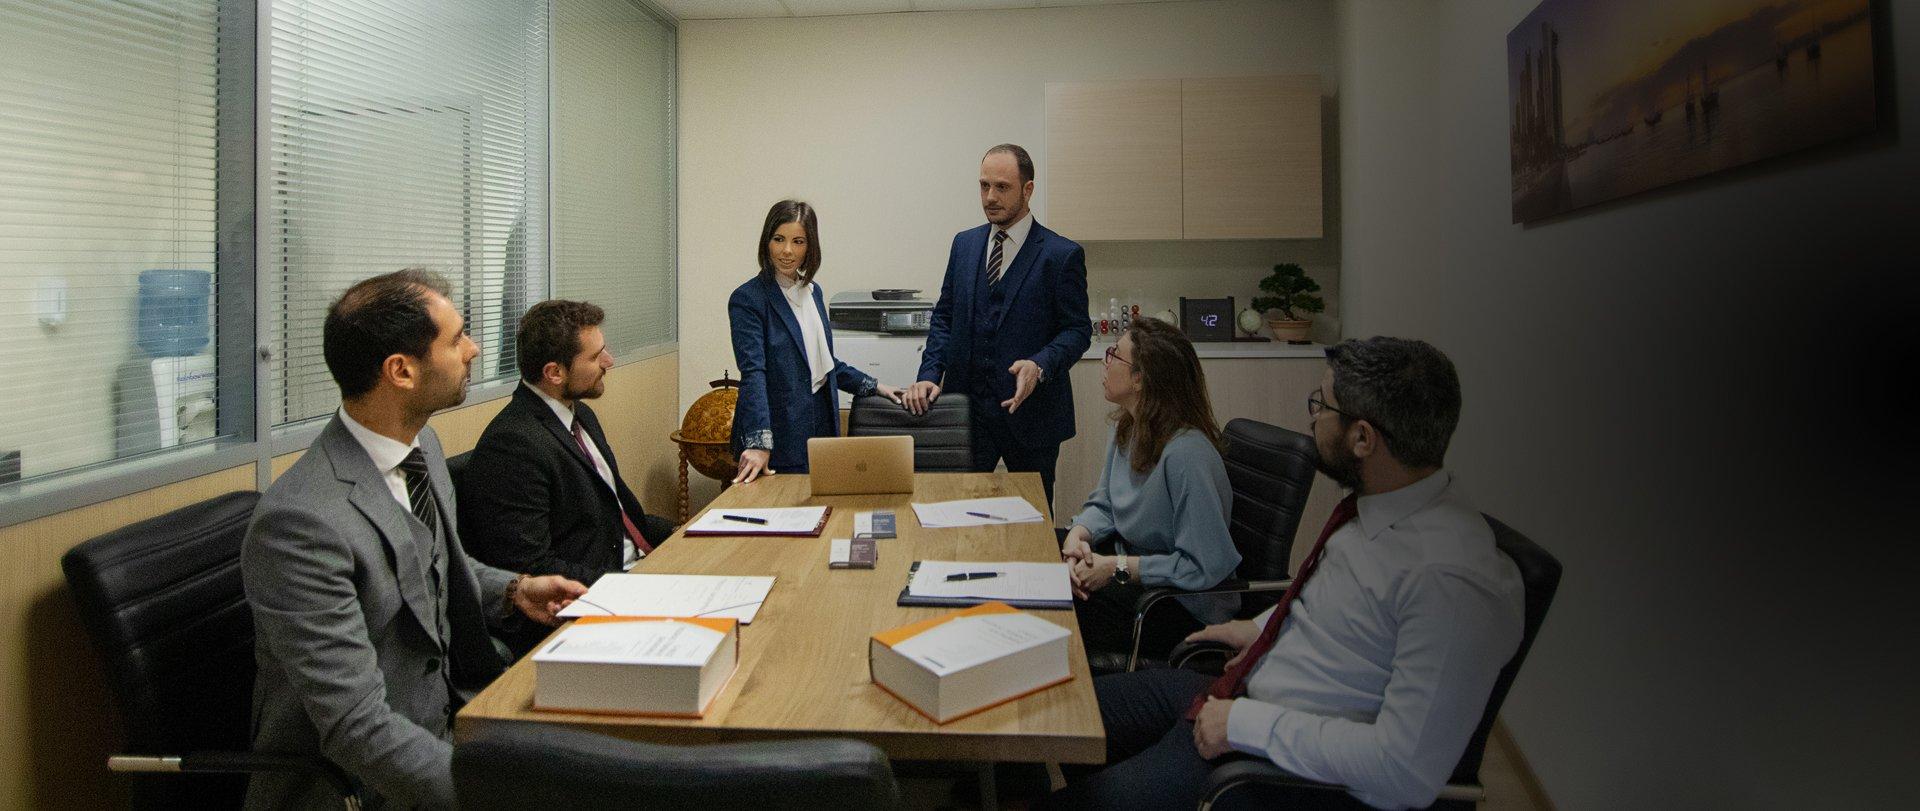 Διαθέτουμε εξειδικευμένους δικηγόρους